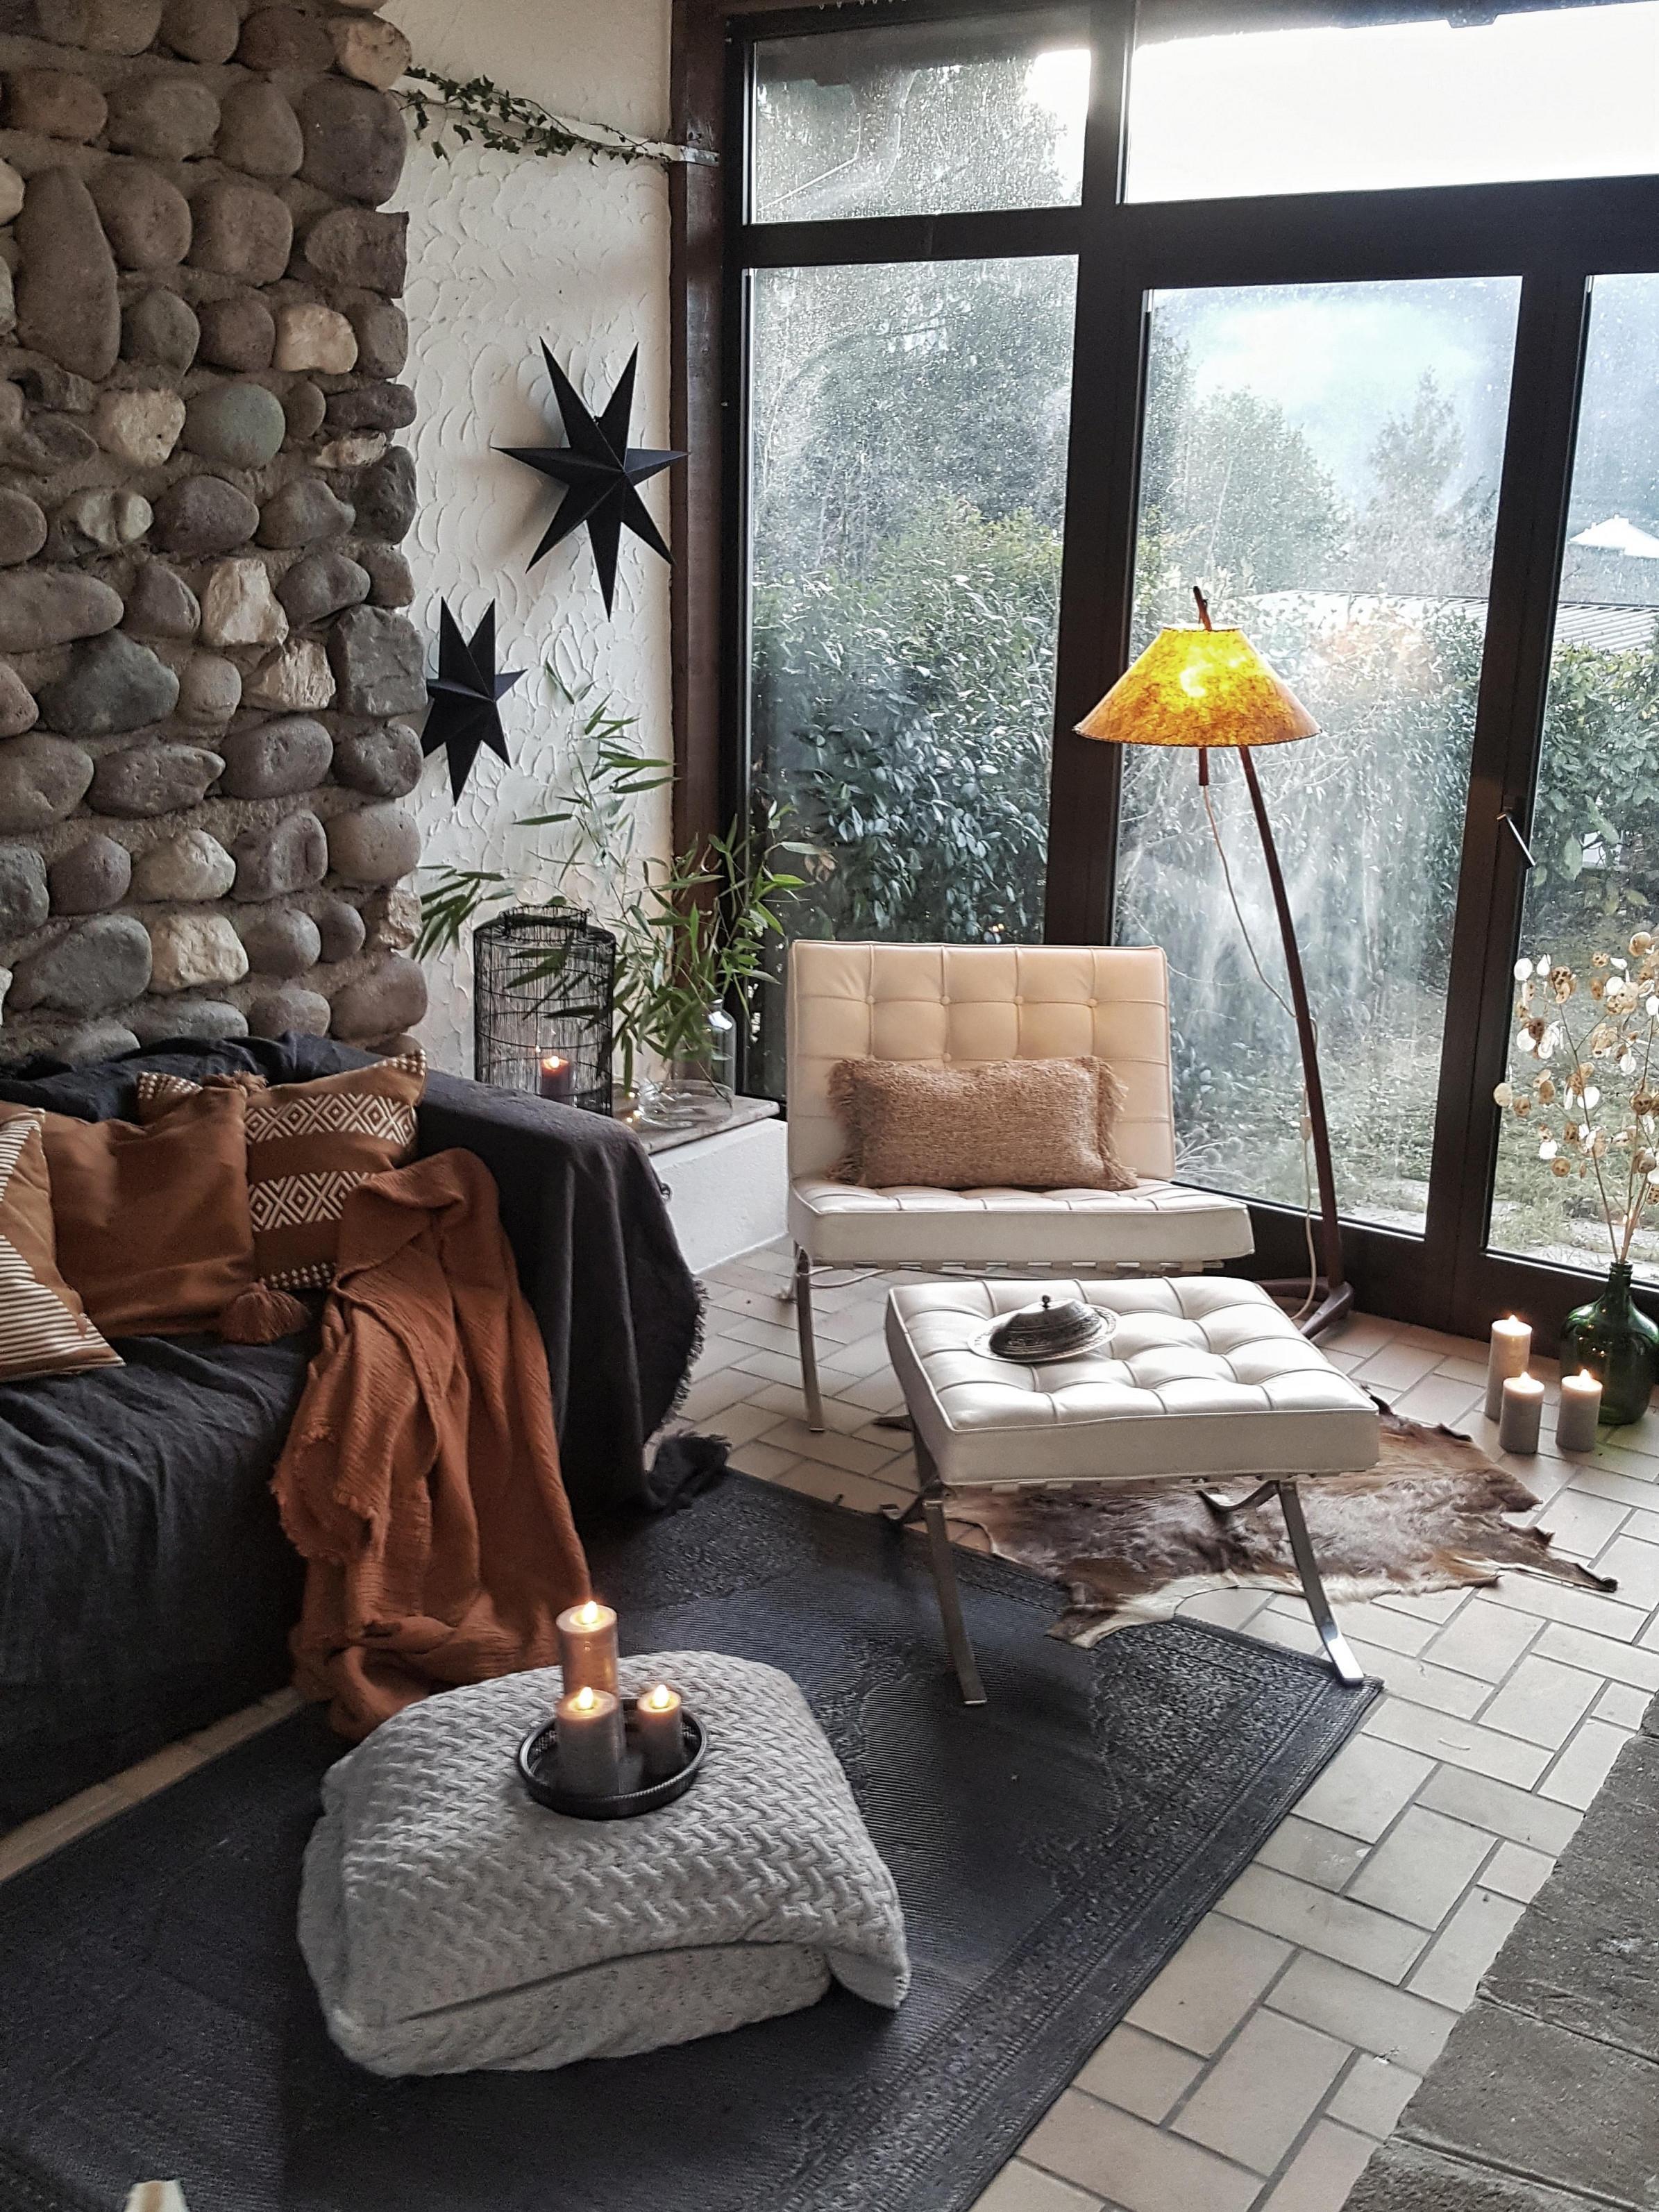 Interior Steinwand Wohnzimmer Deko Vintage Ret von Vintage Deko Wohnzimmer Bild